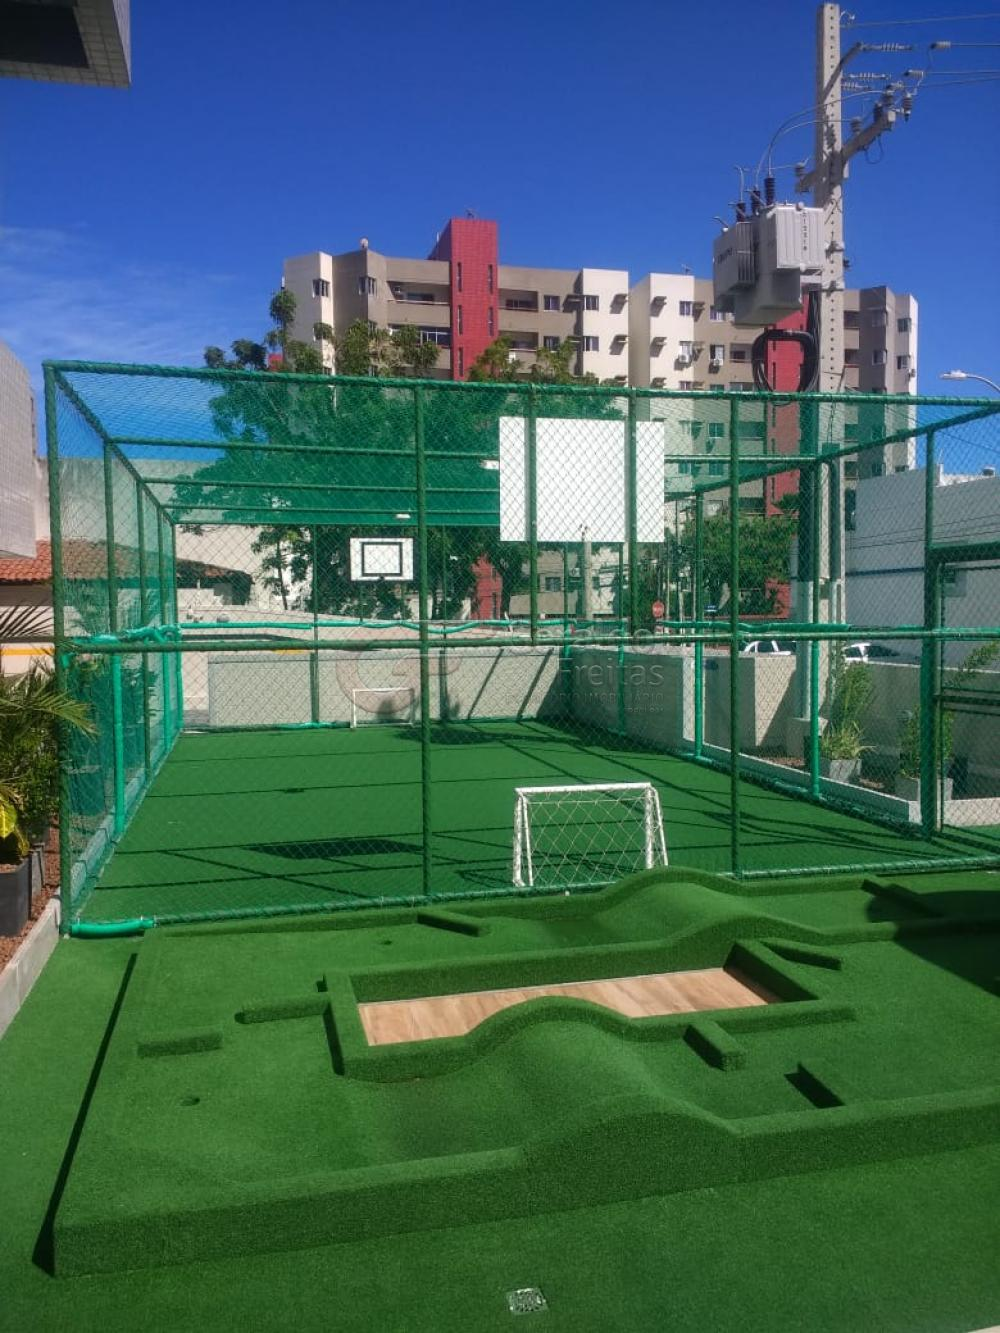 Comprar Apartamentos / Padrão em Maceió apenas R$ 770.000,00 - Foto 6